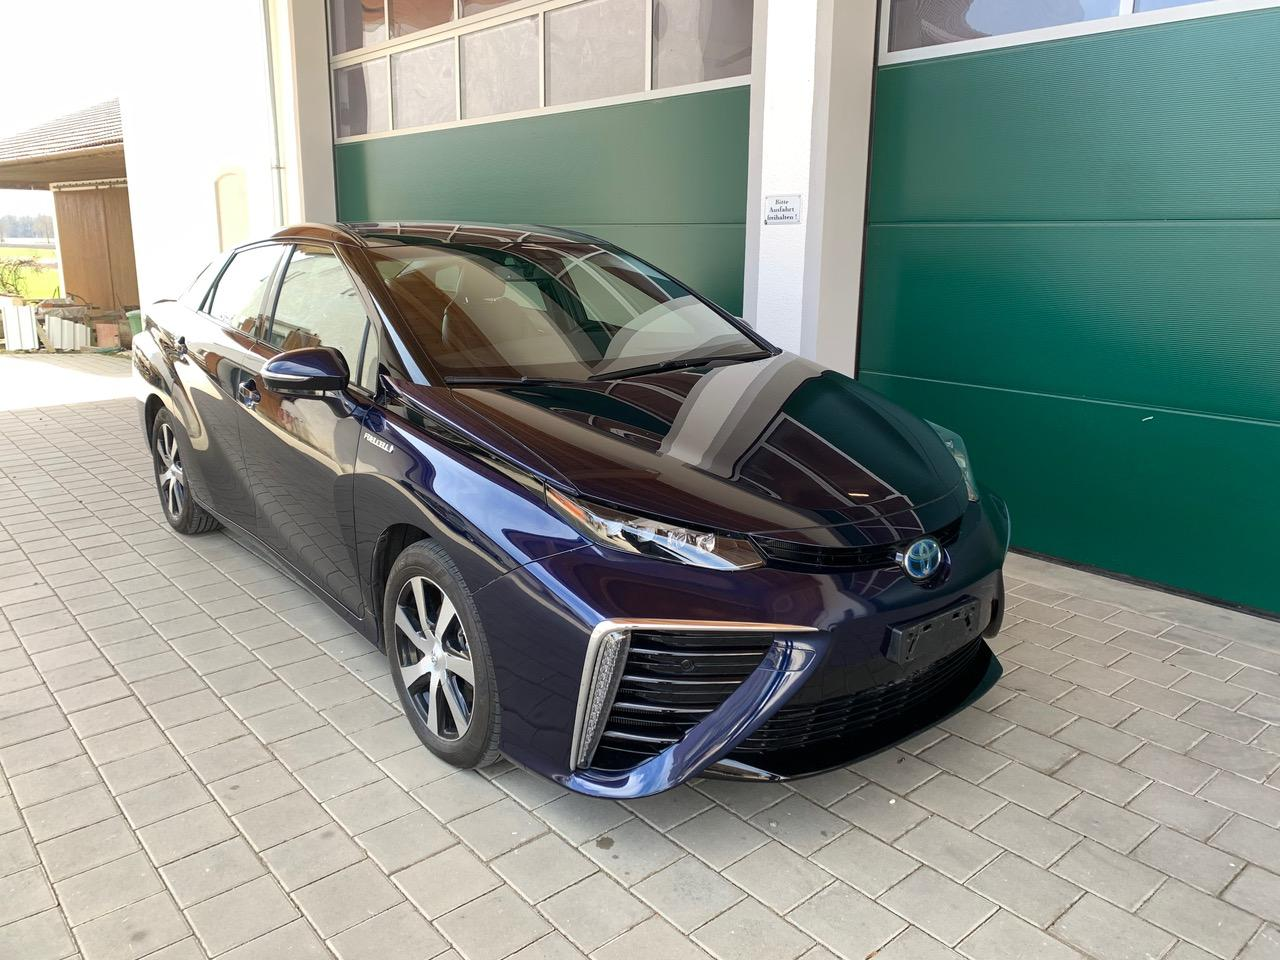 Blau Toyota mirai wasserstoff auto zu Verkaufen Osterreich